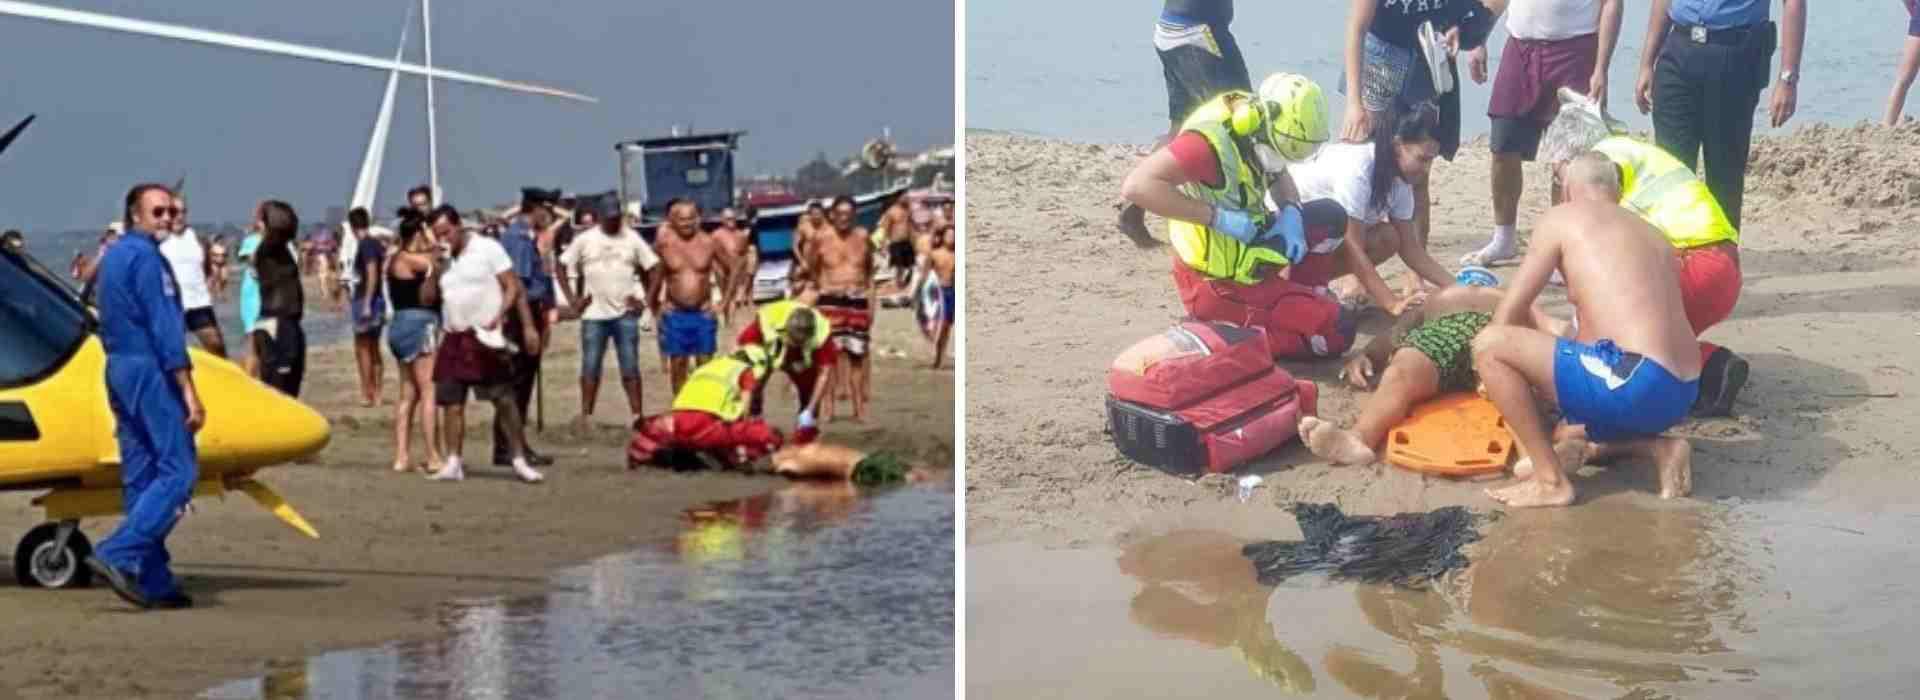 Uomo ferito in spiaggia a Torvaianica dopo l'agguato